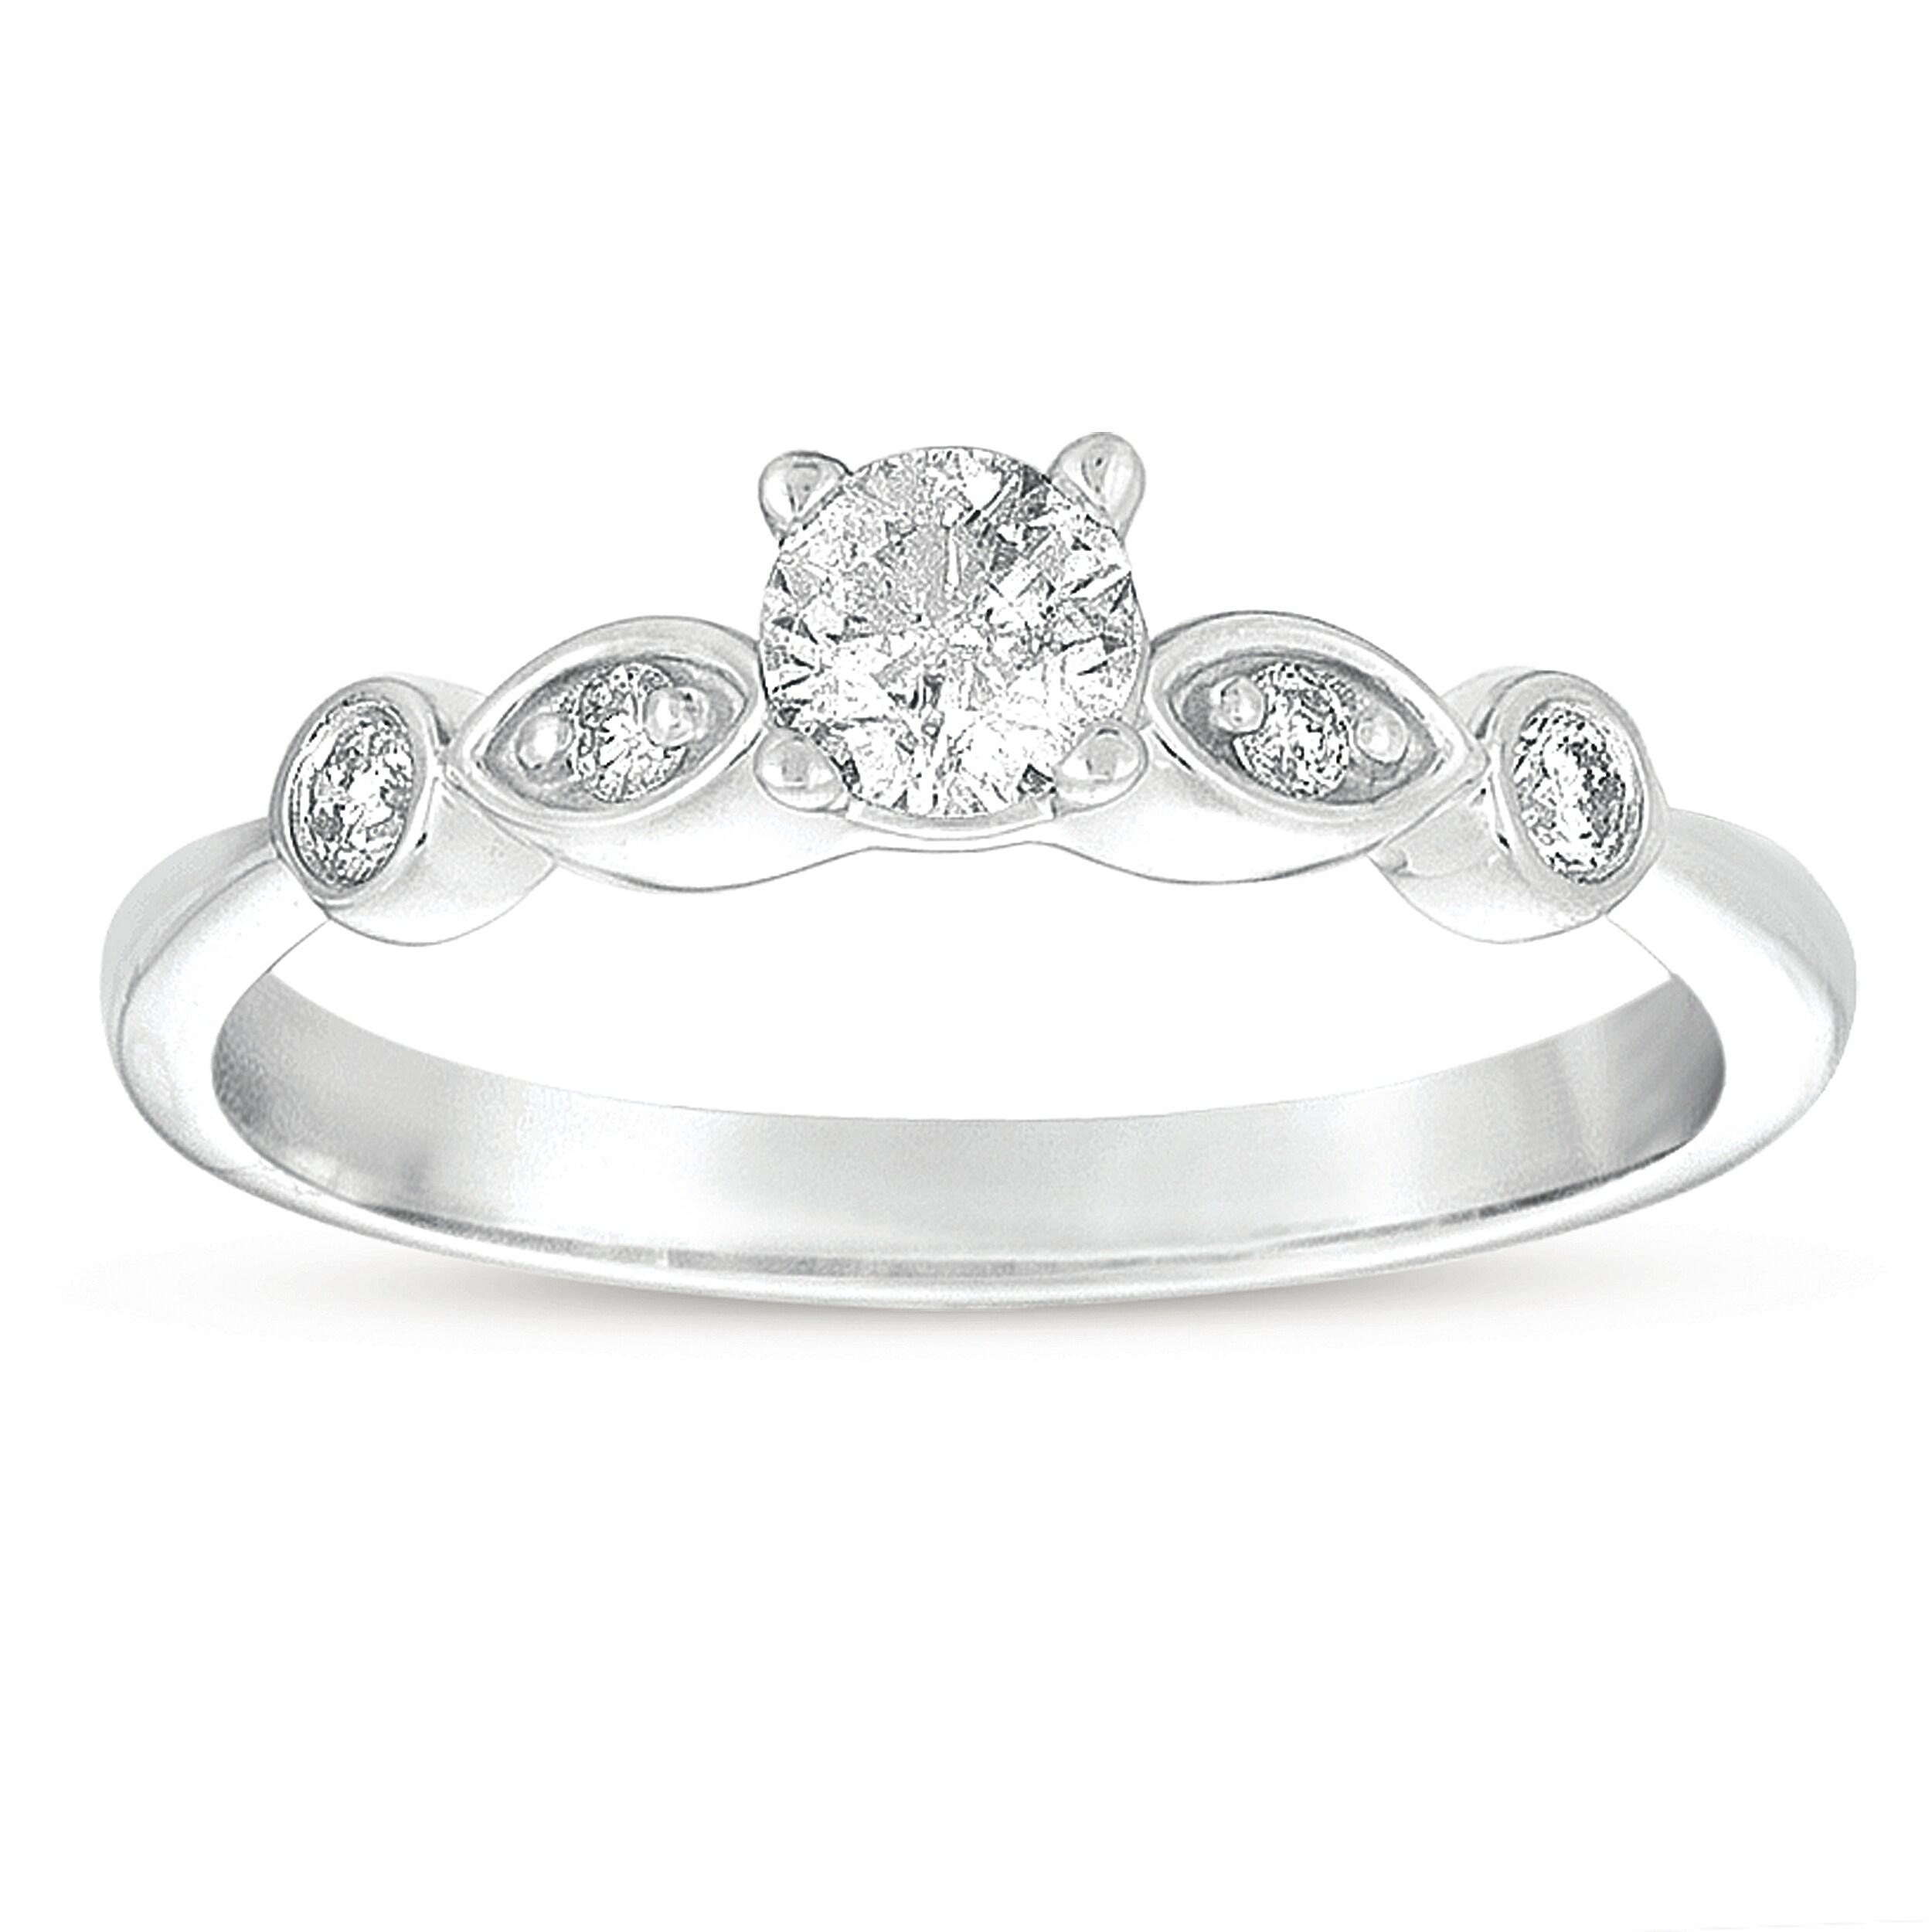 14k White Gold 3/8ct TDW Diamond Promise Ring (G-I, I1-I2)